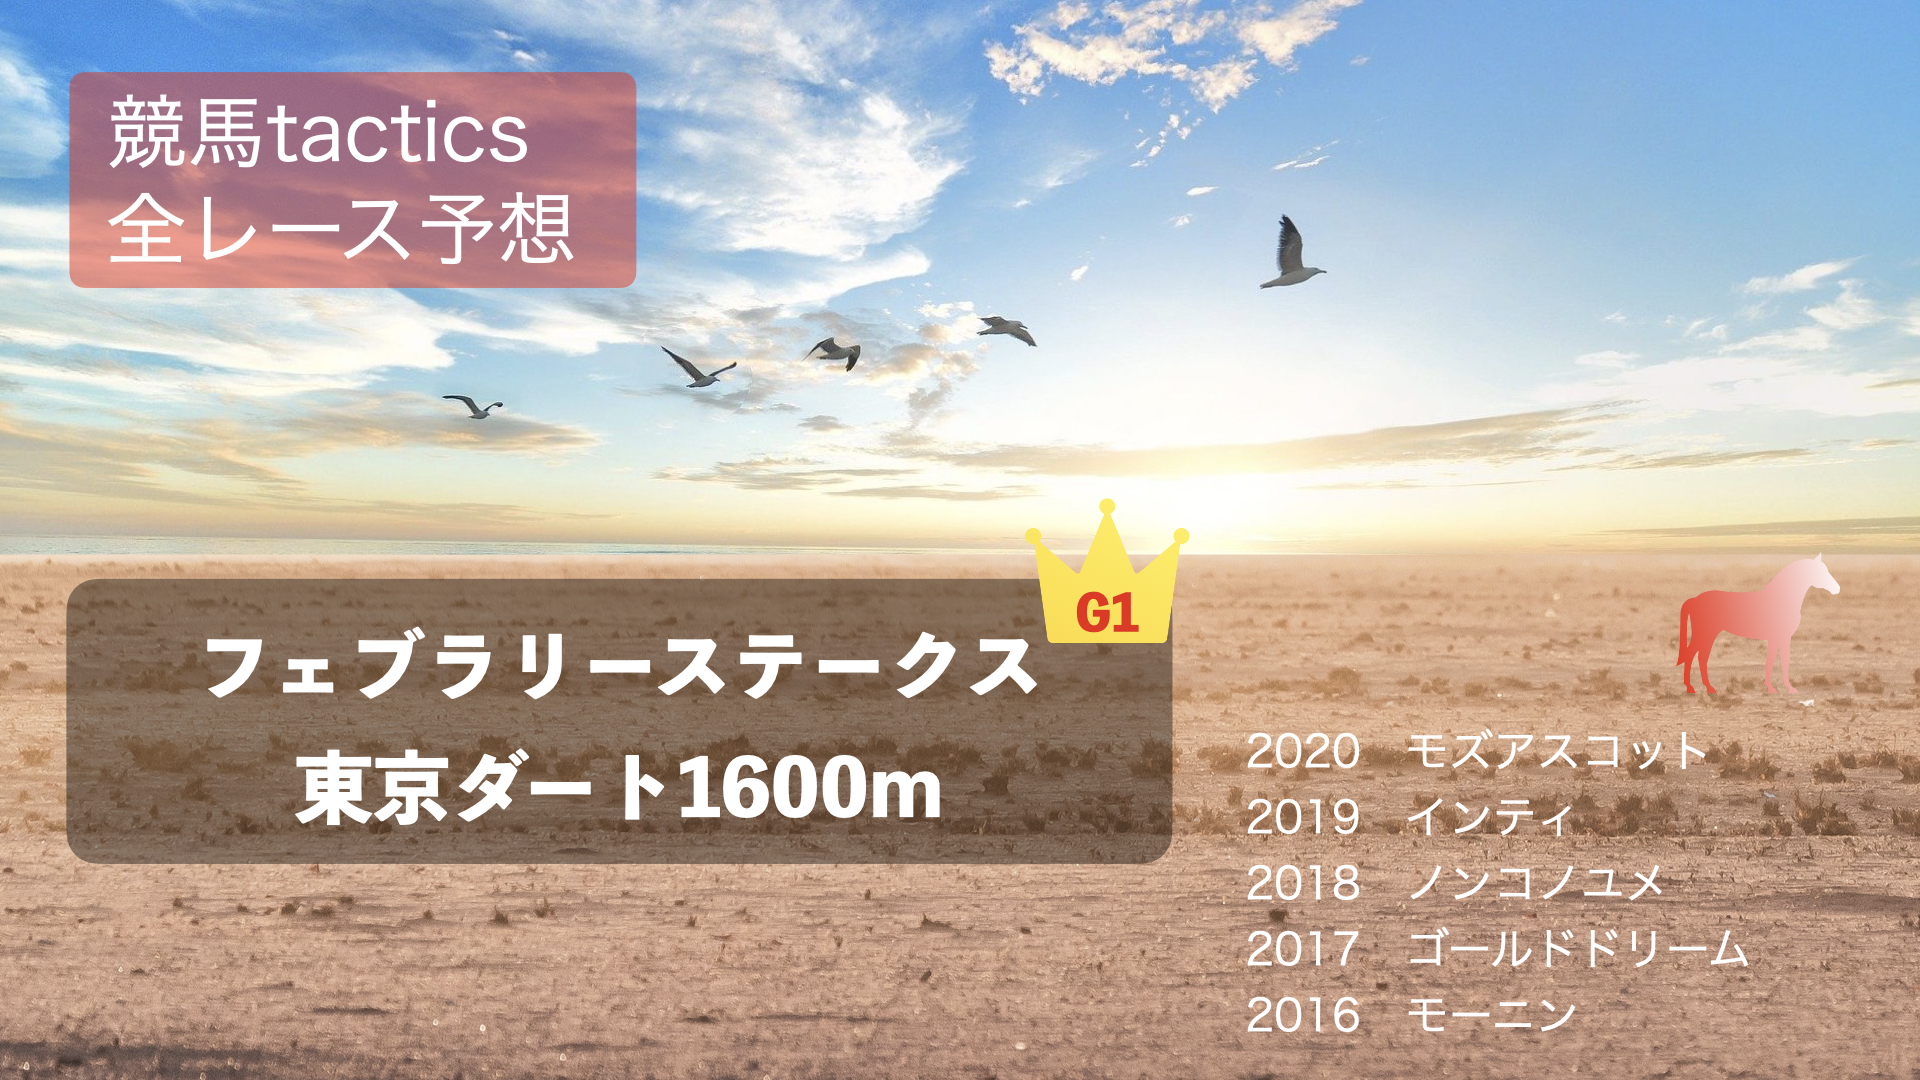 2021.2.21(日)第38回フェブラリーS(G1)東京競馬場 ダ1600m 左回り